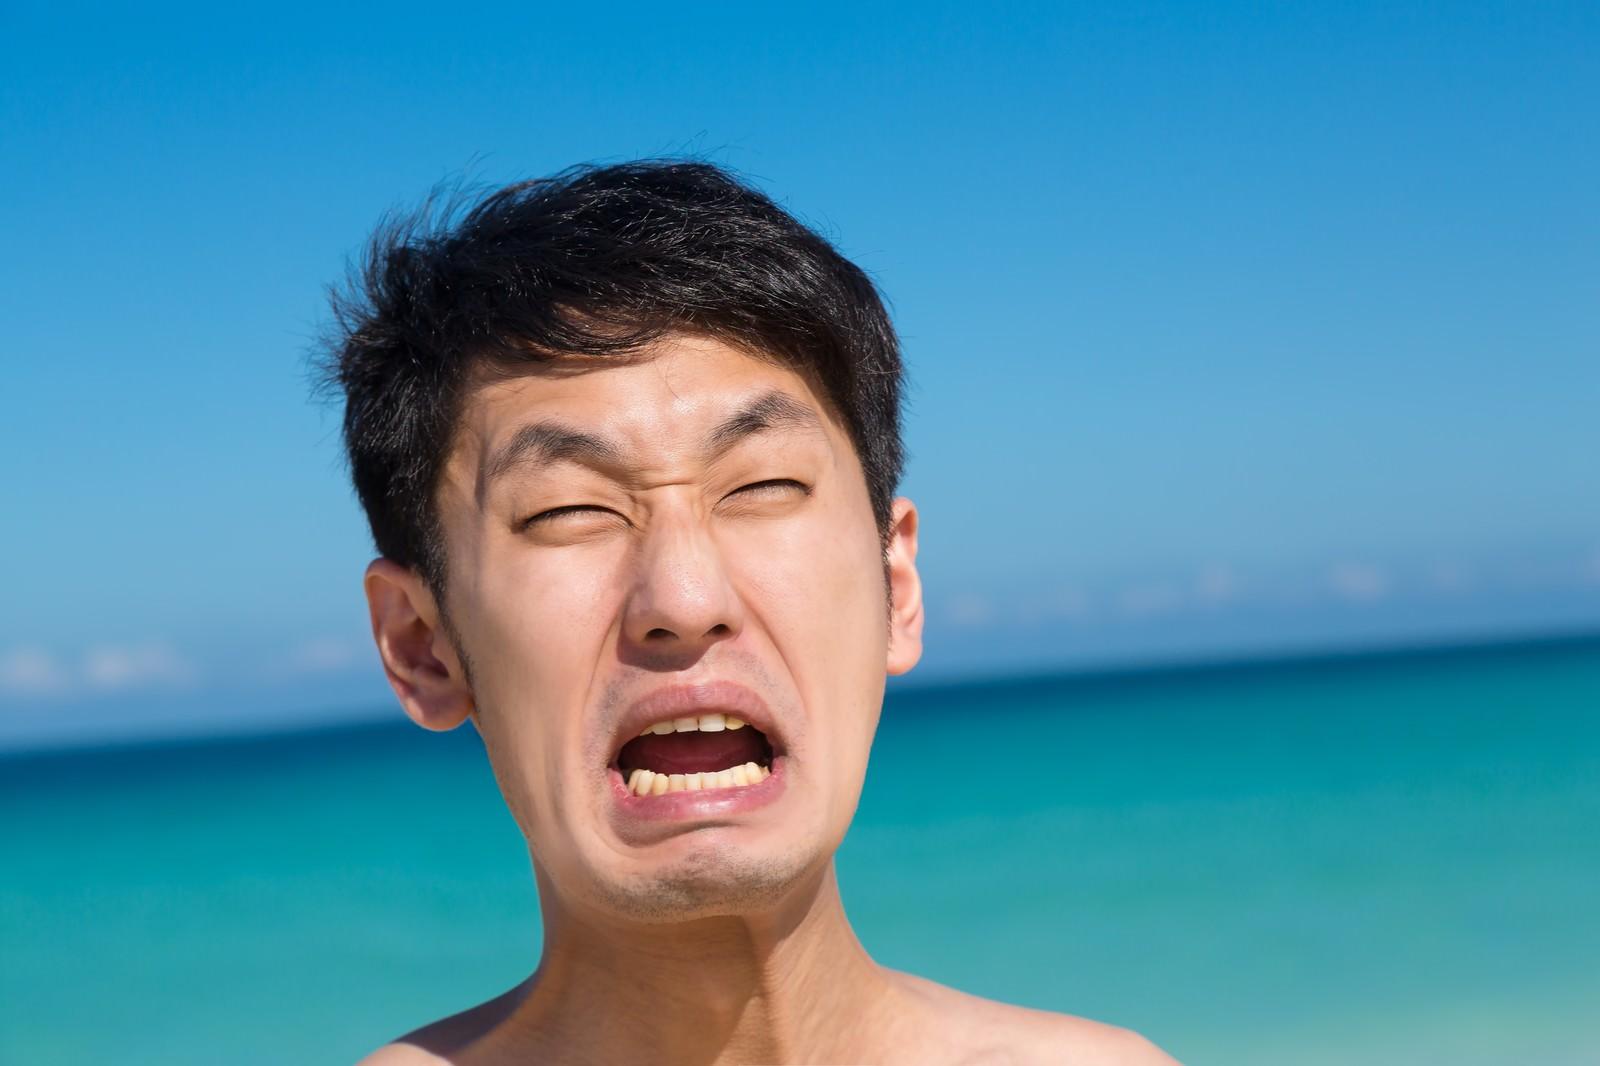 「海水浴客「やだーーーー!」海水浴客「やだーーーー!」」[モデル:大川竜弥]のフリー写真素材を拡大